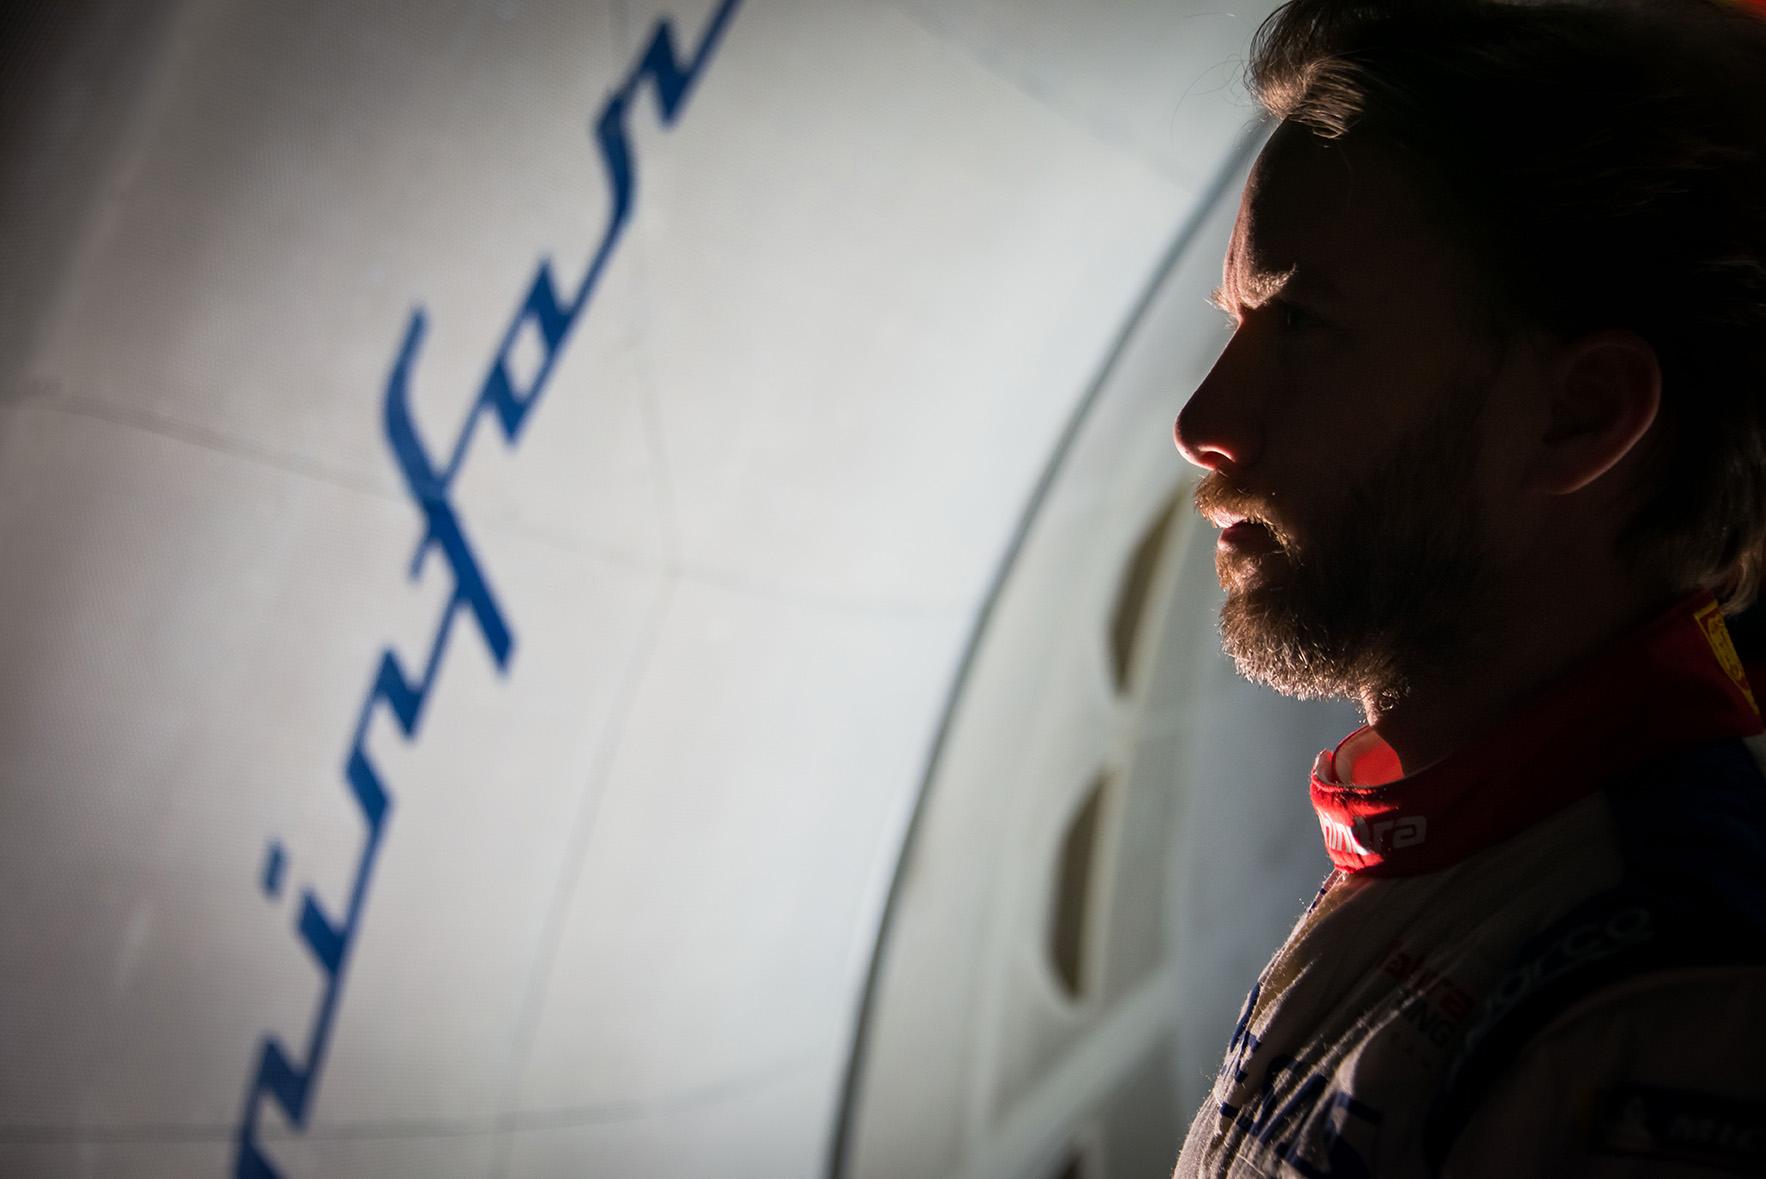 Spacesuit-Media-Marta-Rovatti-Studihrad-FIA-Formula-E-Mahindra-2018MGR_4790